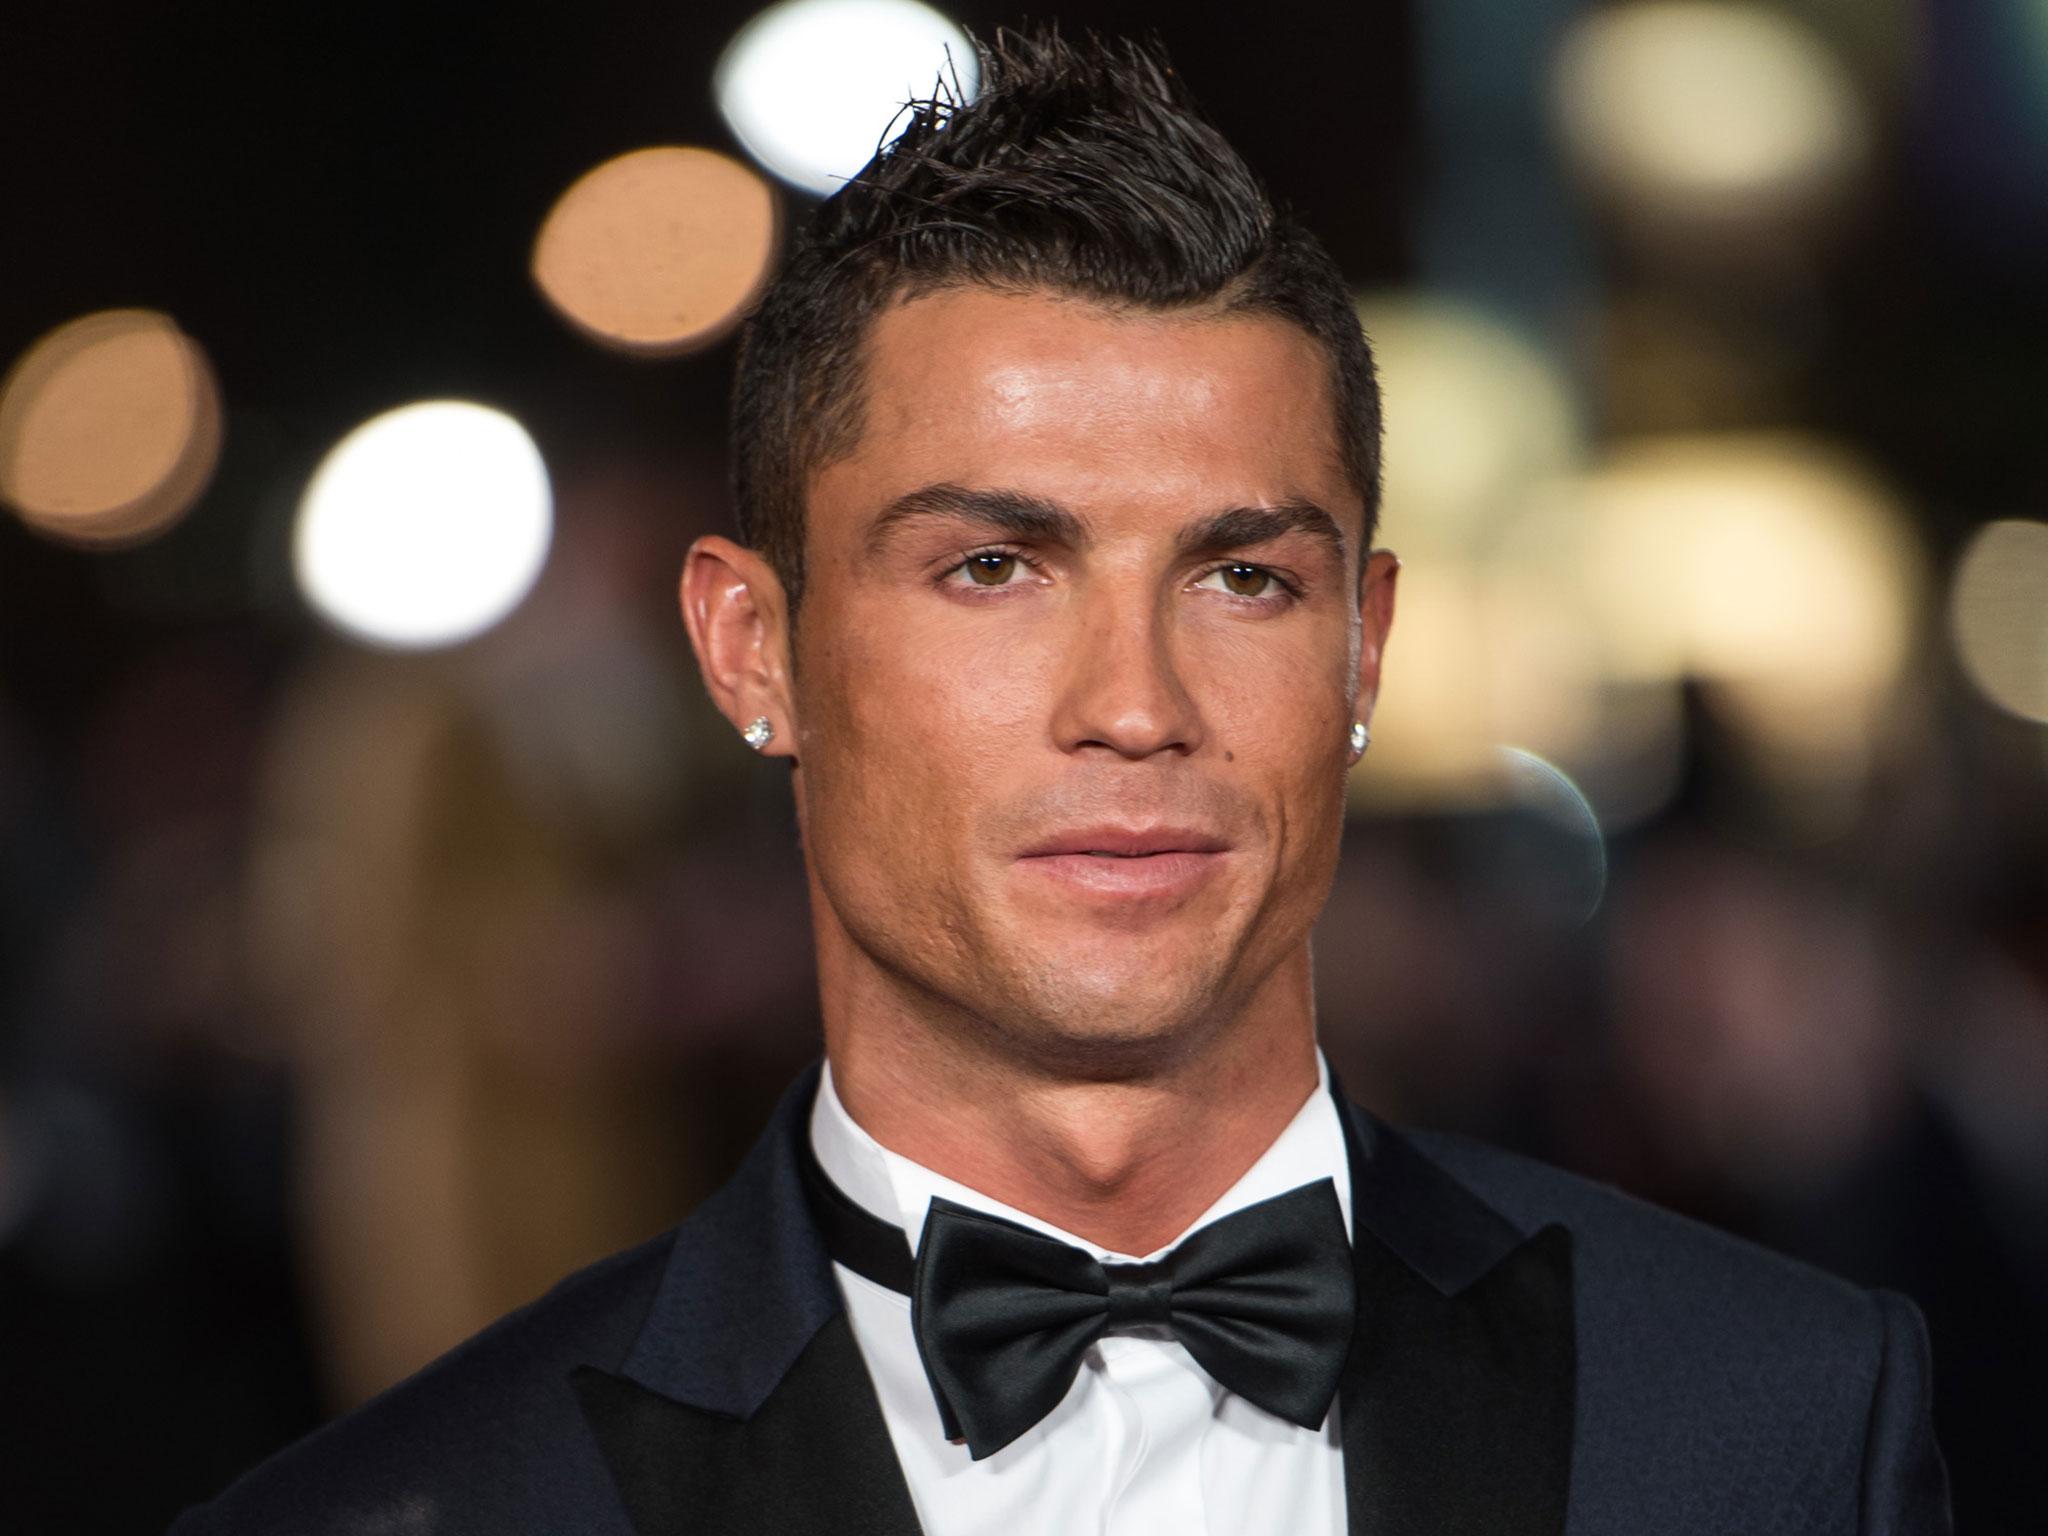 Amor, fútbol y lujos: Así es la vida que muestra en Instagram Cristiano Ronaldo